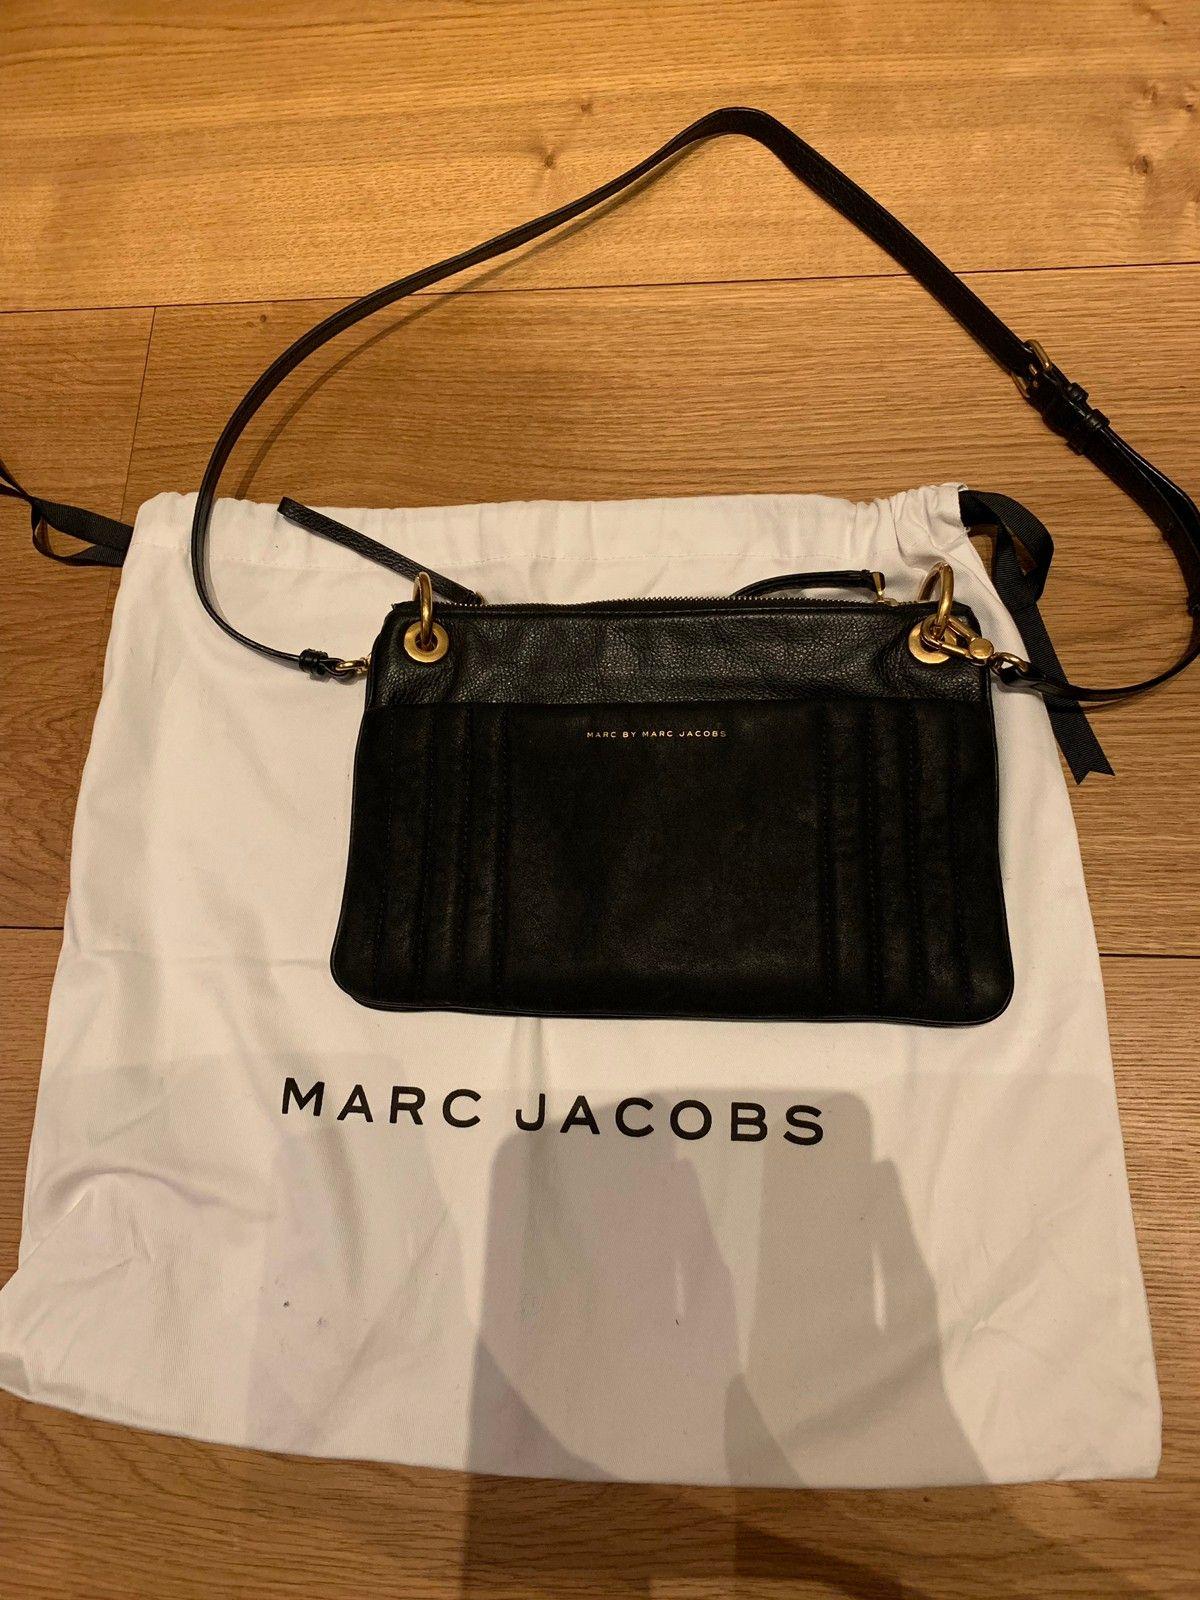 Marc Jacobs veske, rød | FINN.no